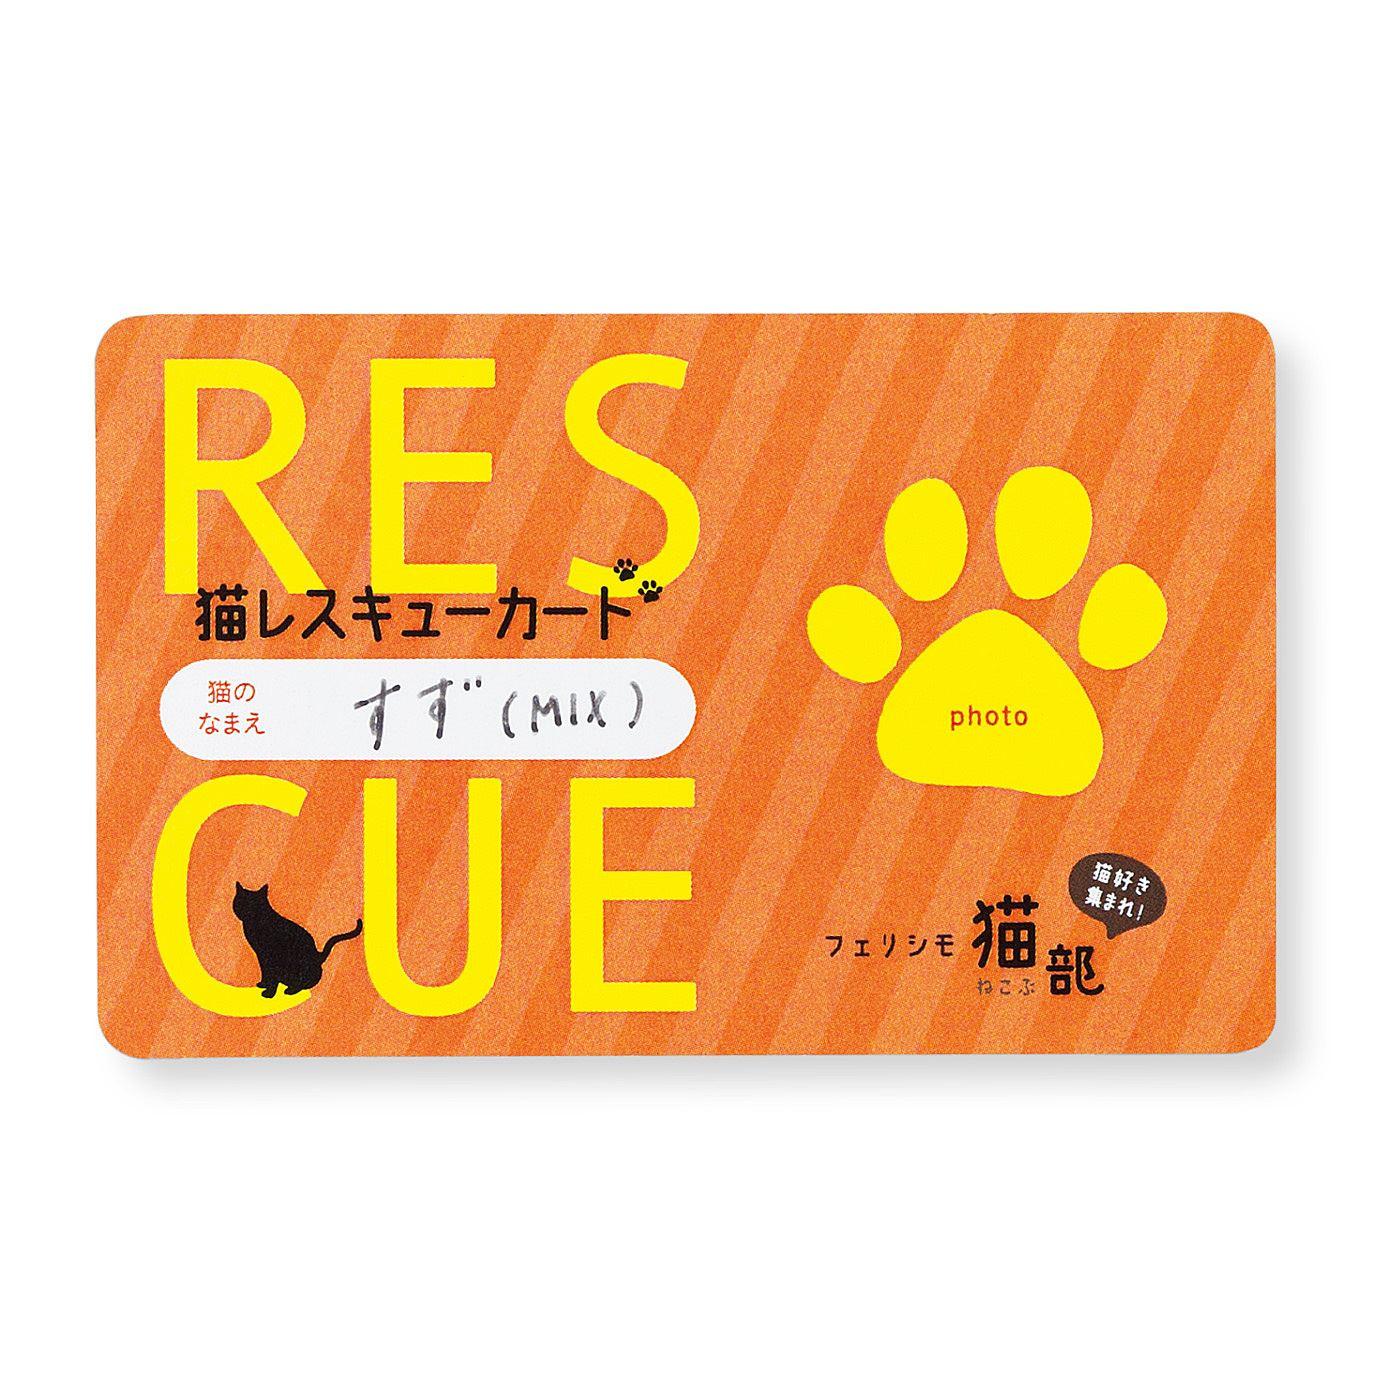 猫レスキューカード 自分が愛猫のお世話ができないもしものときのための情報を伝えます。お財布に入れて持ち歩いて。